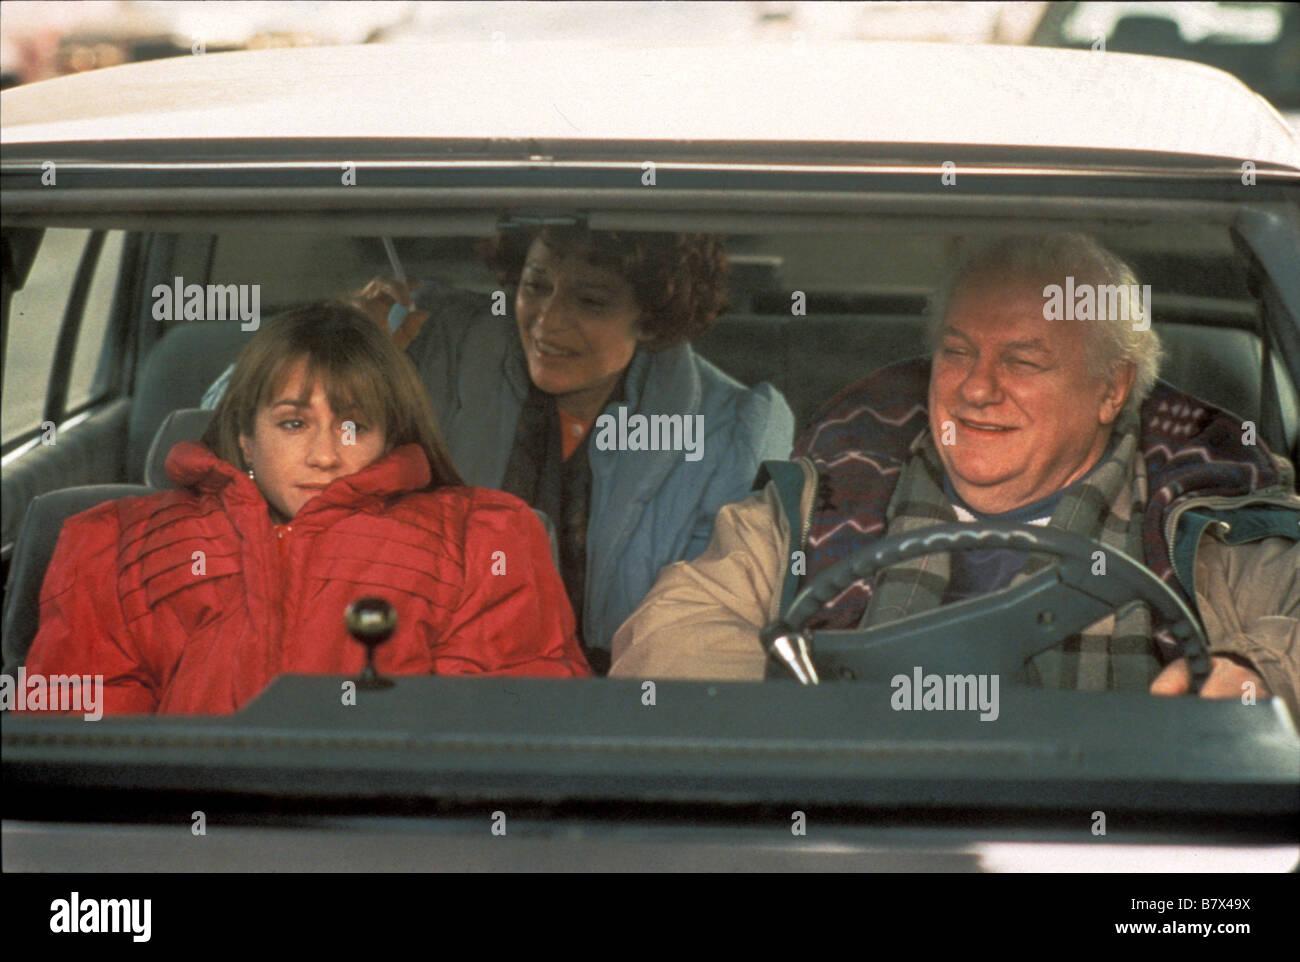 Haus für die Feiertage Jahr: 1995 USA Anne Bancroft, Charles Durning, Holly Hunter Regie: Jodie Foster Stockbild